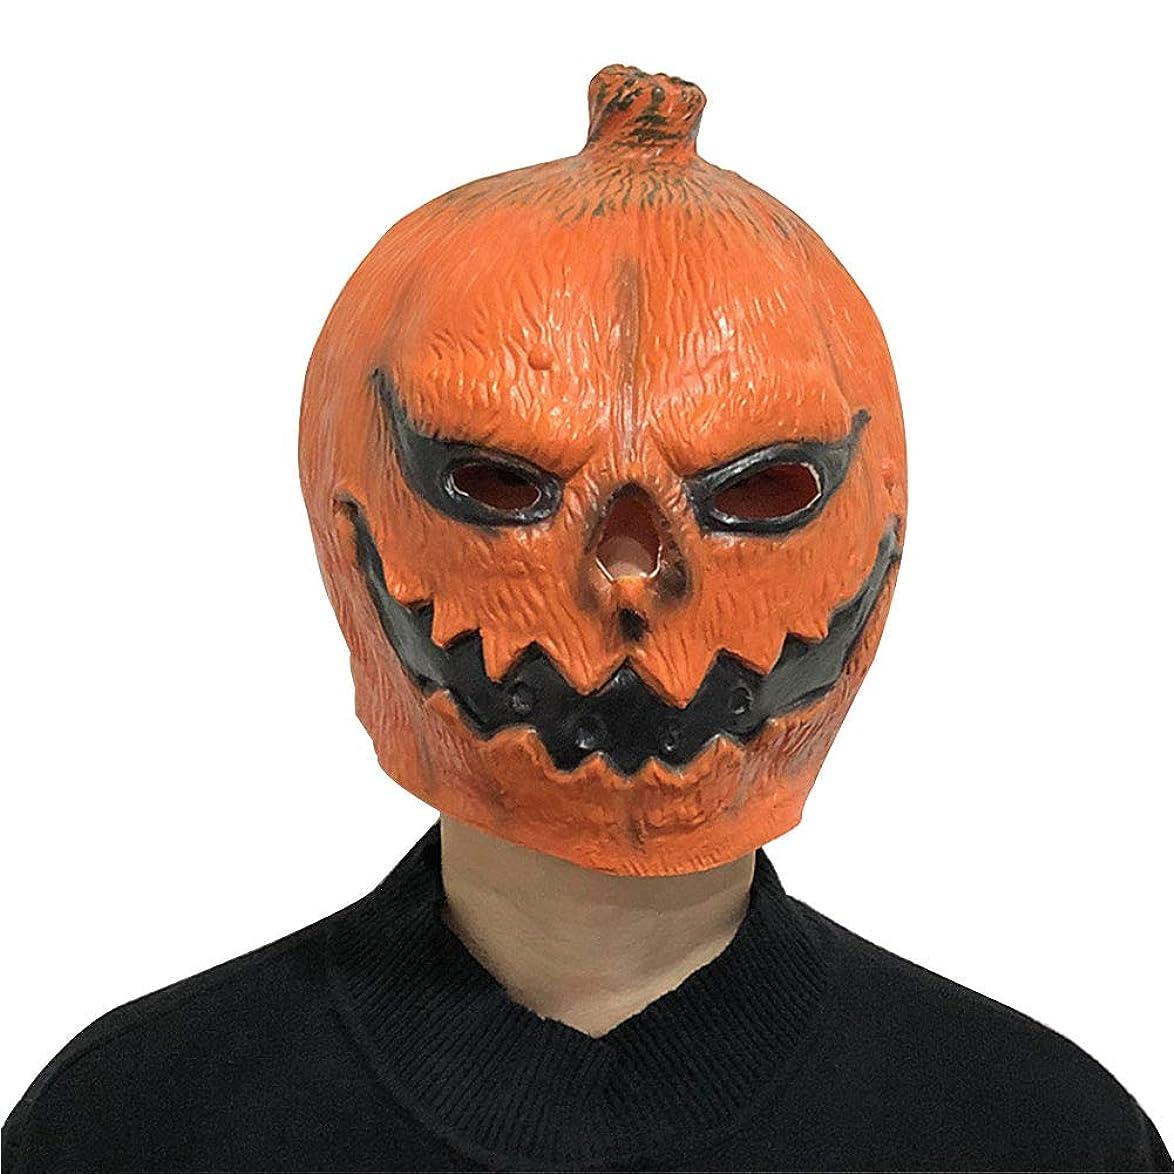 皮肉憤るナインへテーマパーティー、コスチュームボール、カーニバル、ハロウィーン、レイブパーティー、仮面舞踏会などに適したハロウィーンマスク、カボチャラテックスマスク